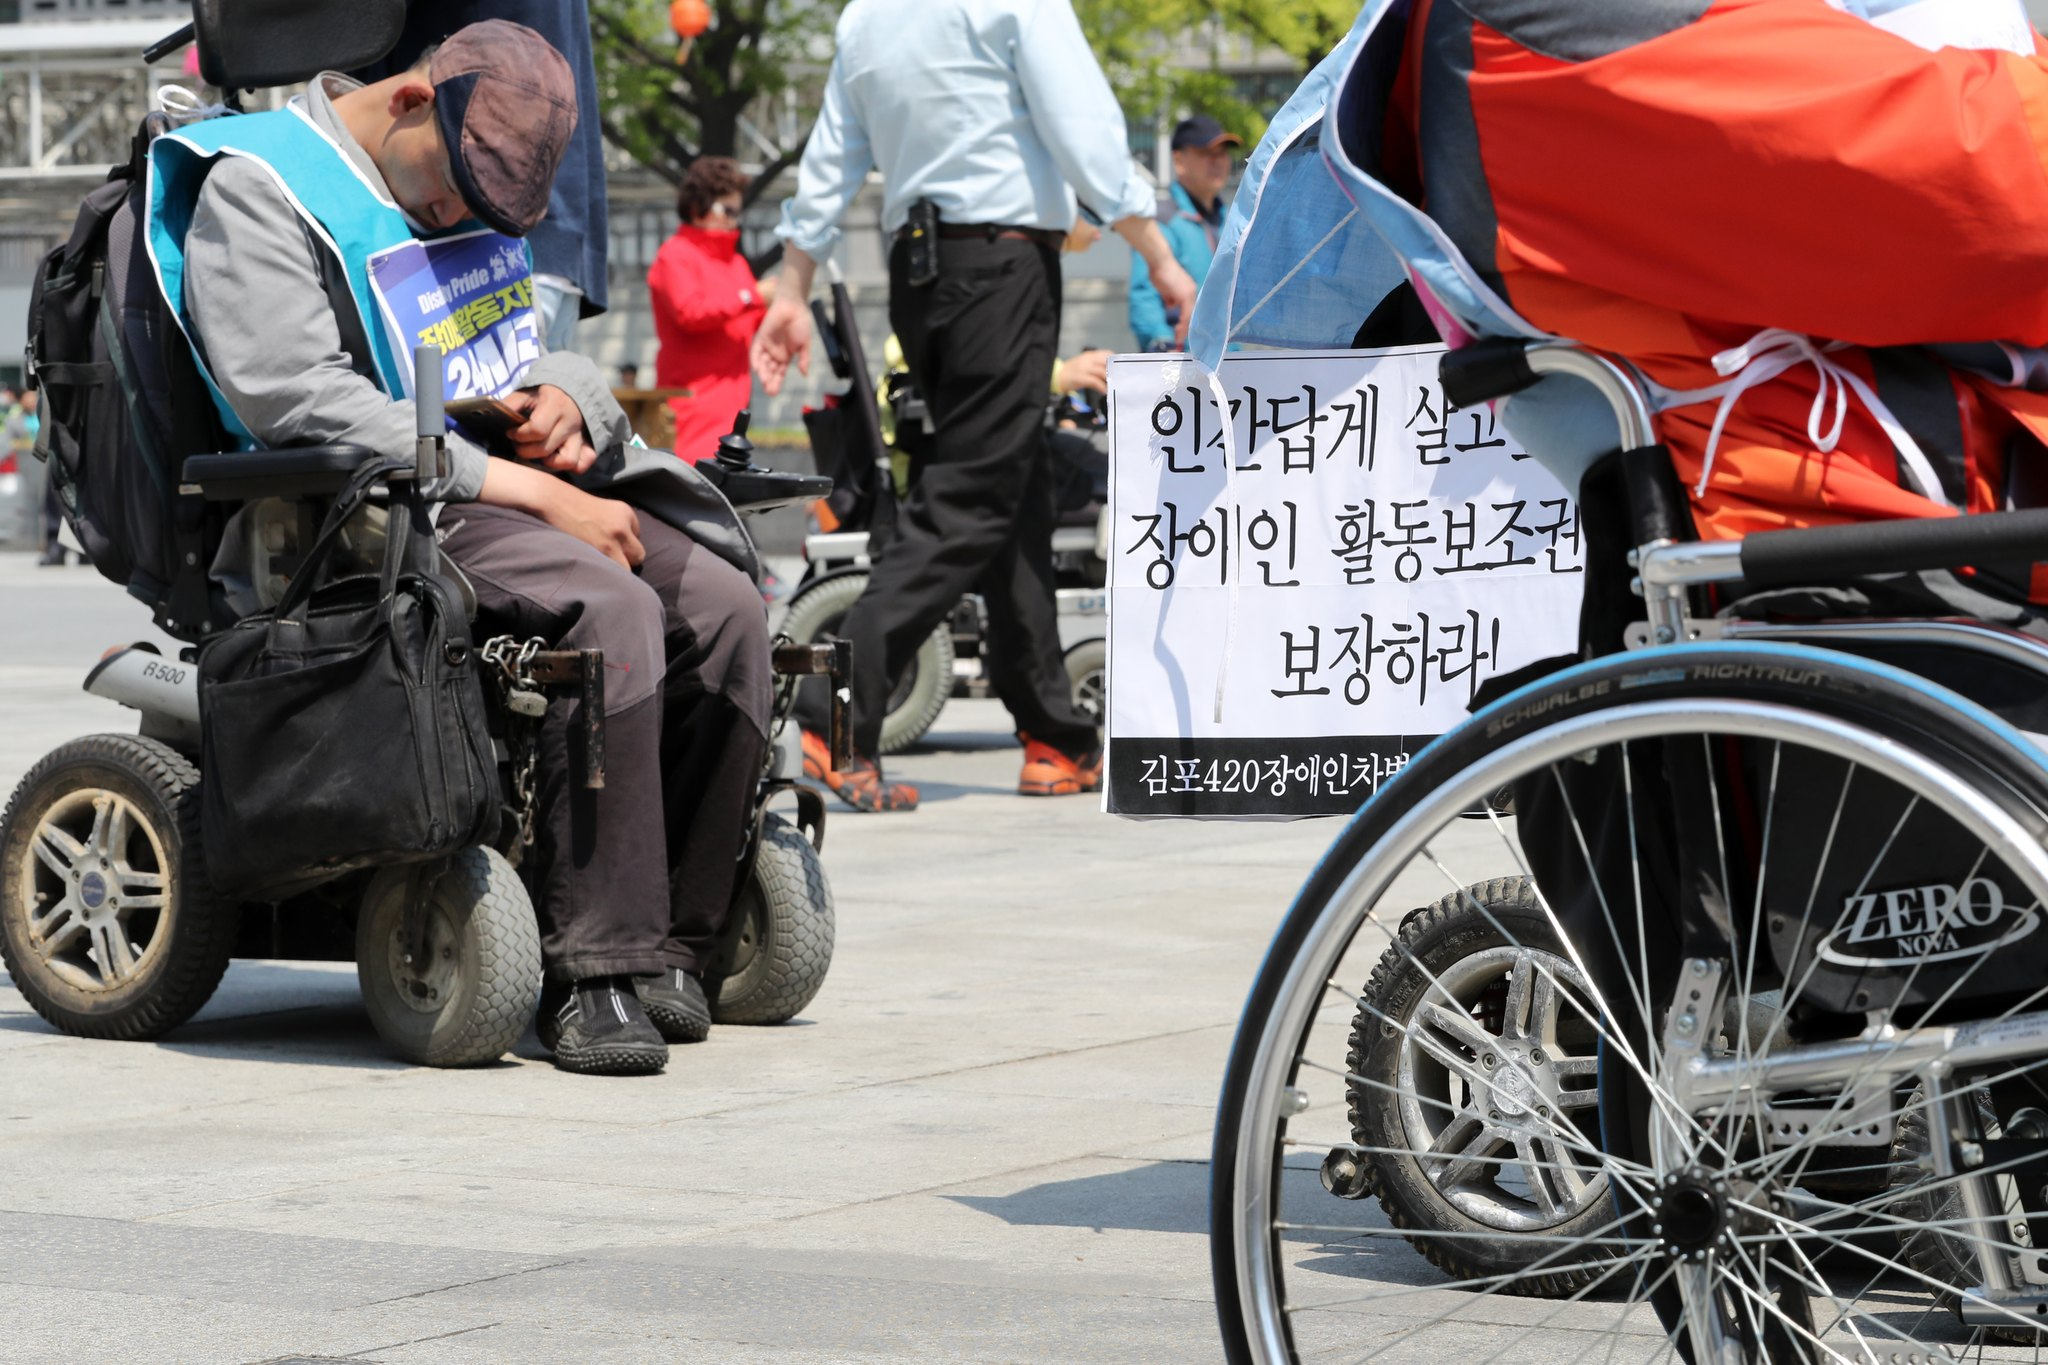 장애인들이 지난달 서울 광화문광장에서 장애인활동지원 권리를 보장하고 장애인자립생활센터 예산을 확대할 것을 촉구했다. [뉴스1]